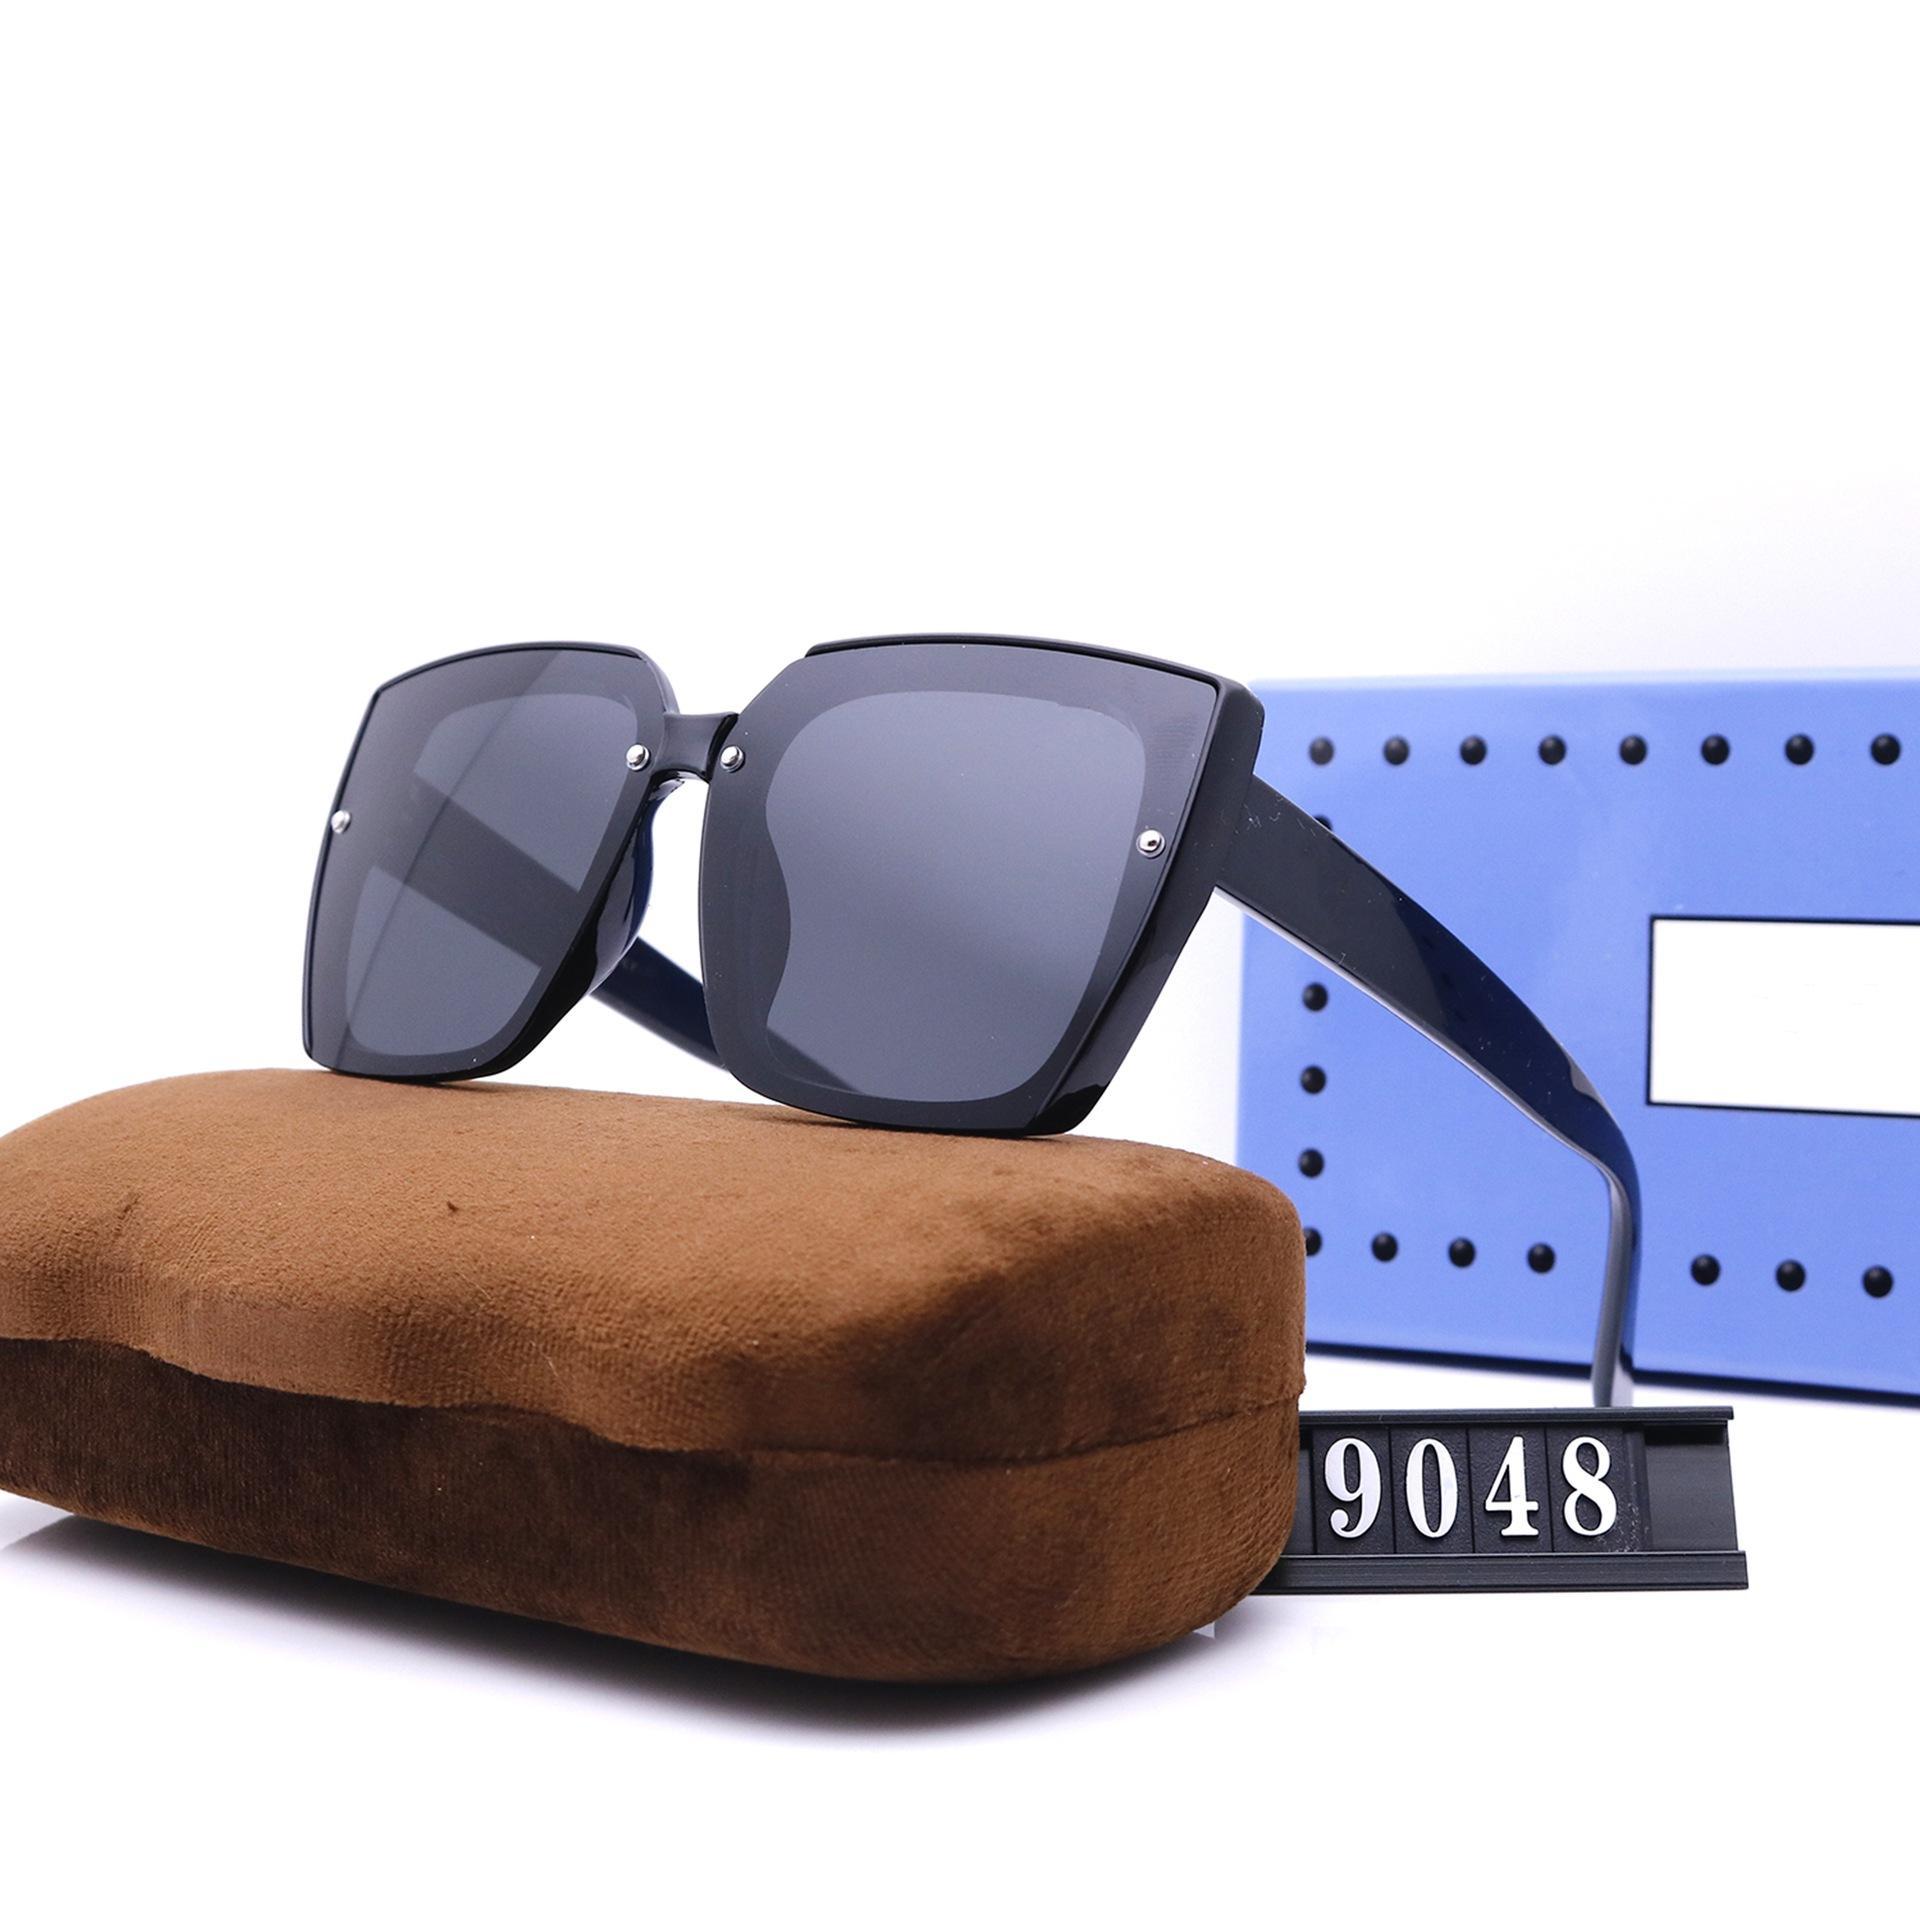 Moda Kadınlar Kare Tasarım Güneş Gözlüğü Beş Renkler Lüks Yüksek Kalite HD Polarize Lensler Sürüş Güneş Gözlükleri 9048